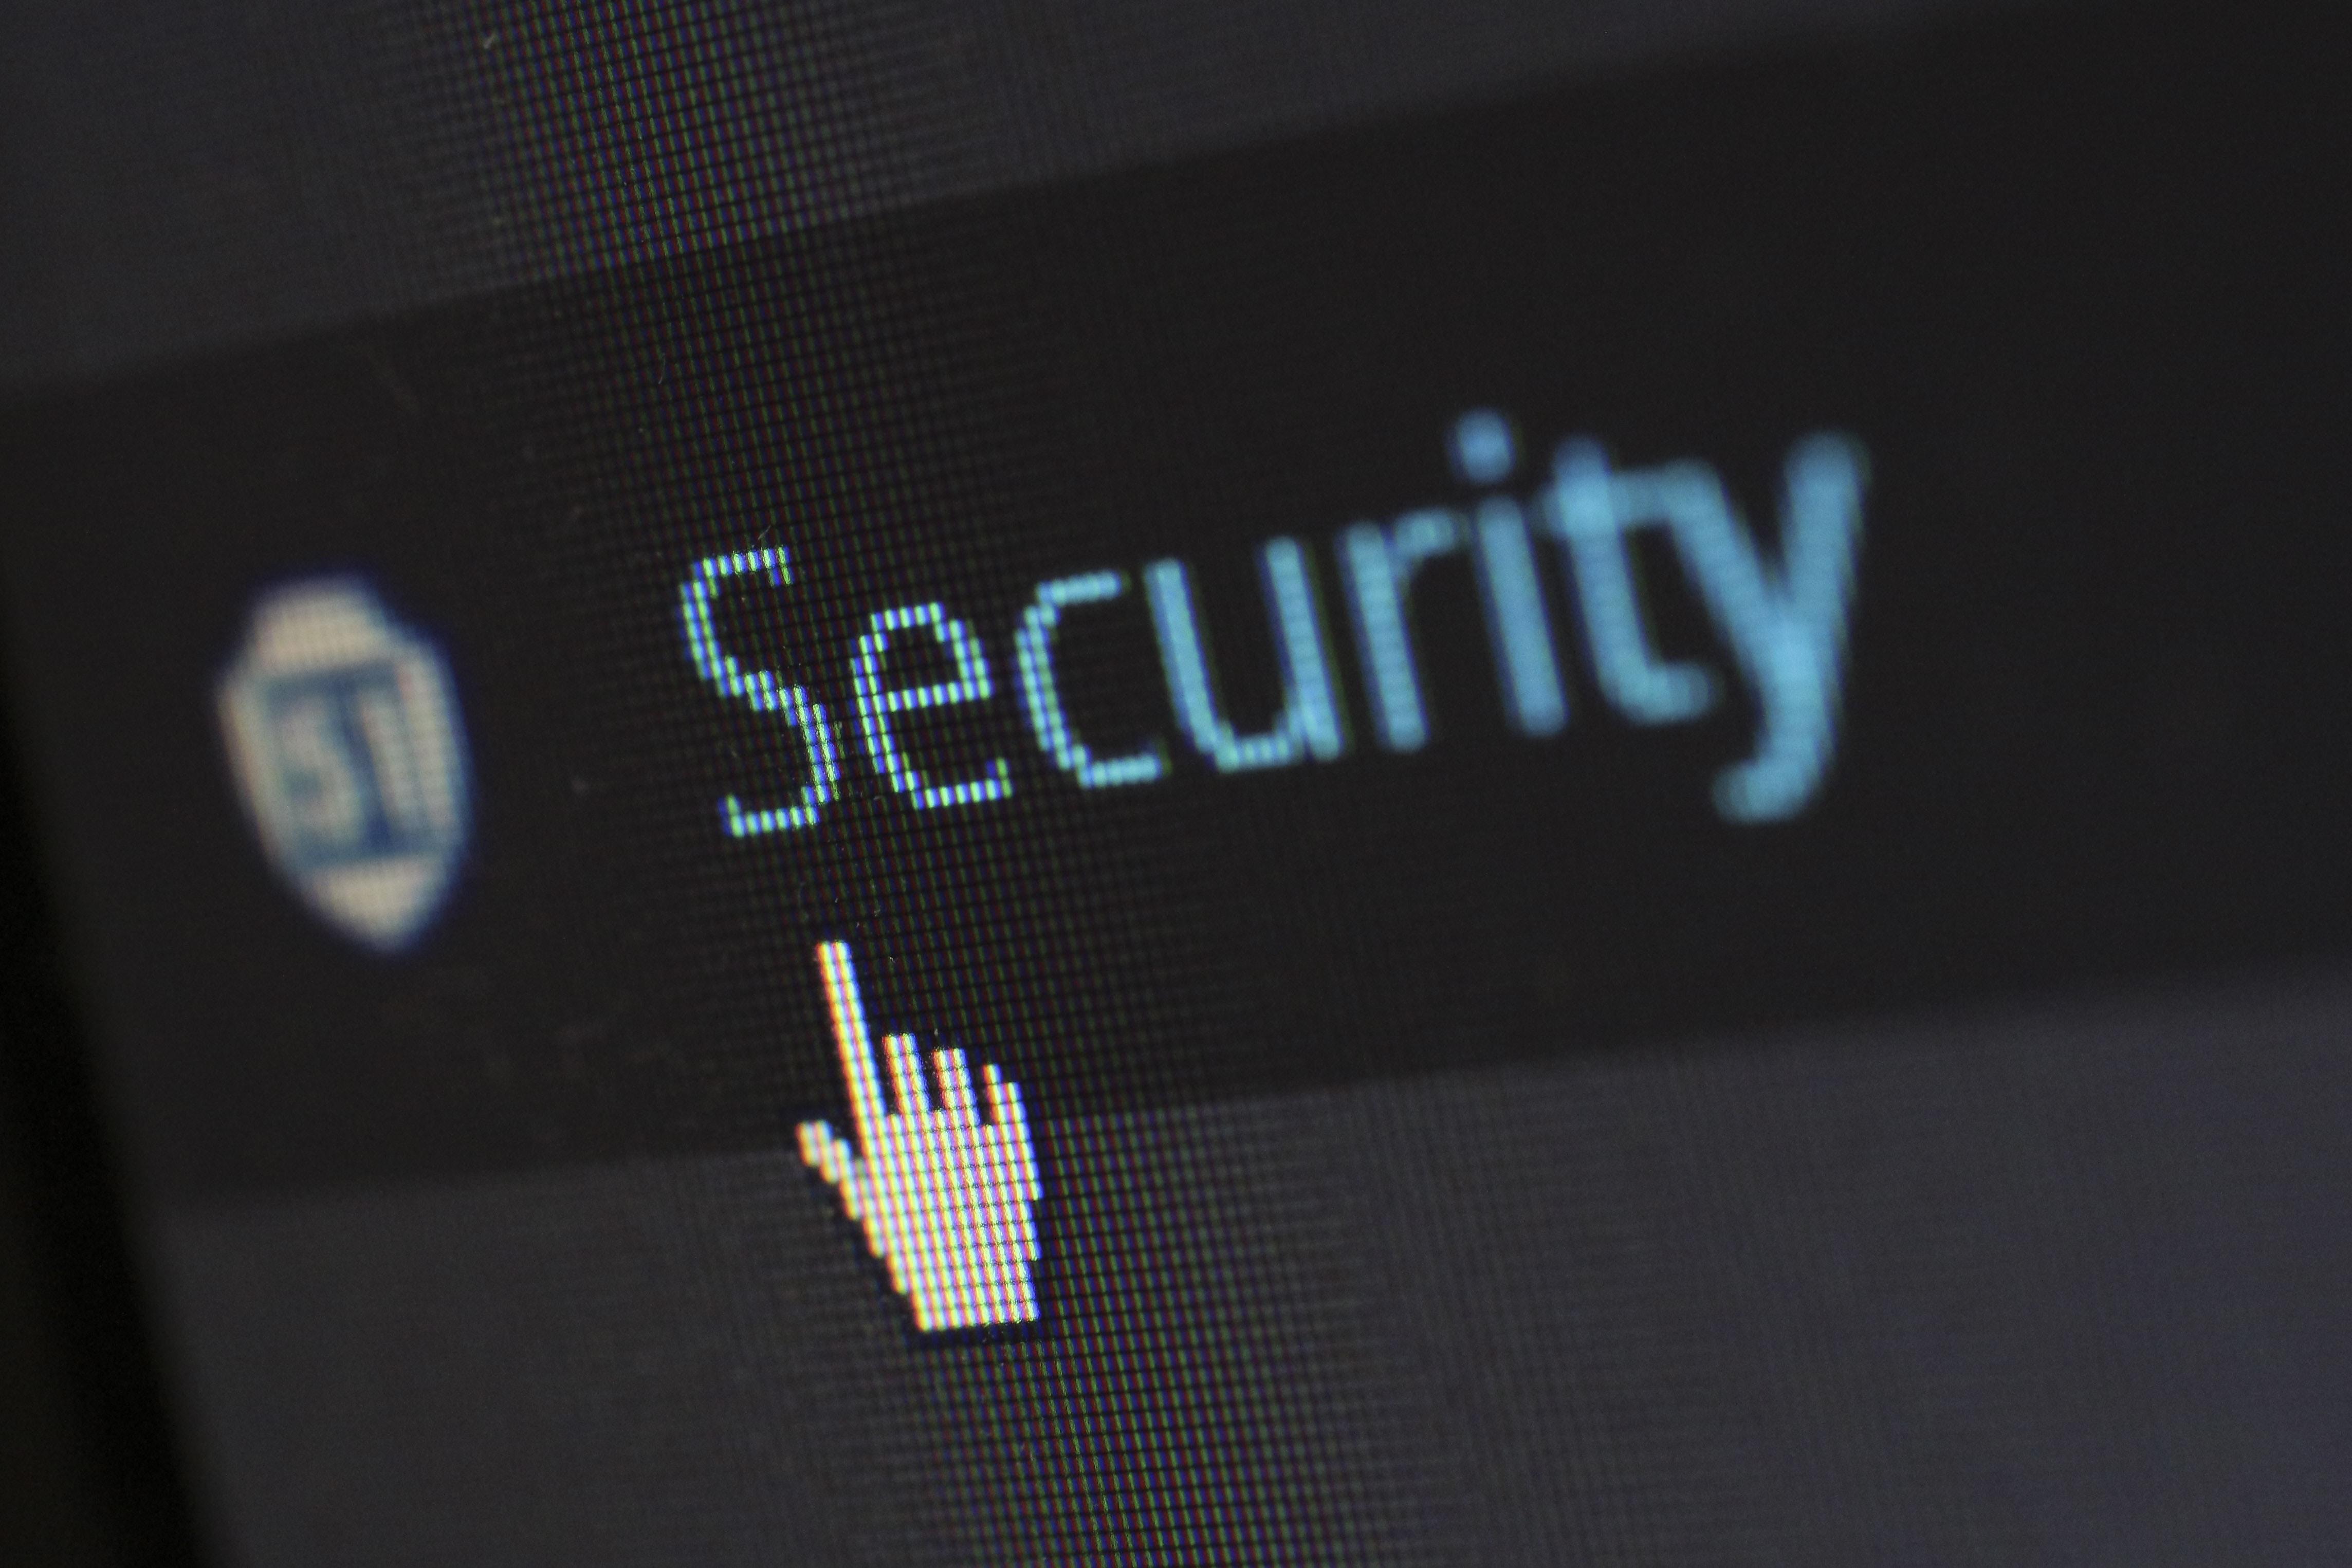 Top Level Domains von Google mit HSTS geschützt